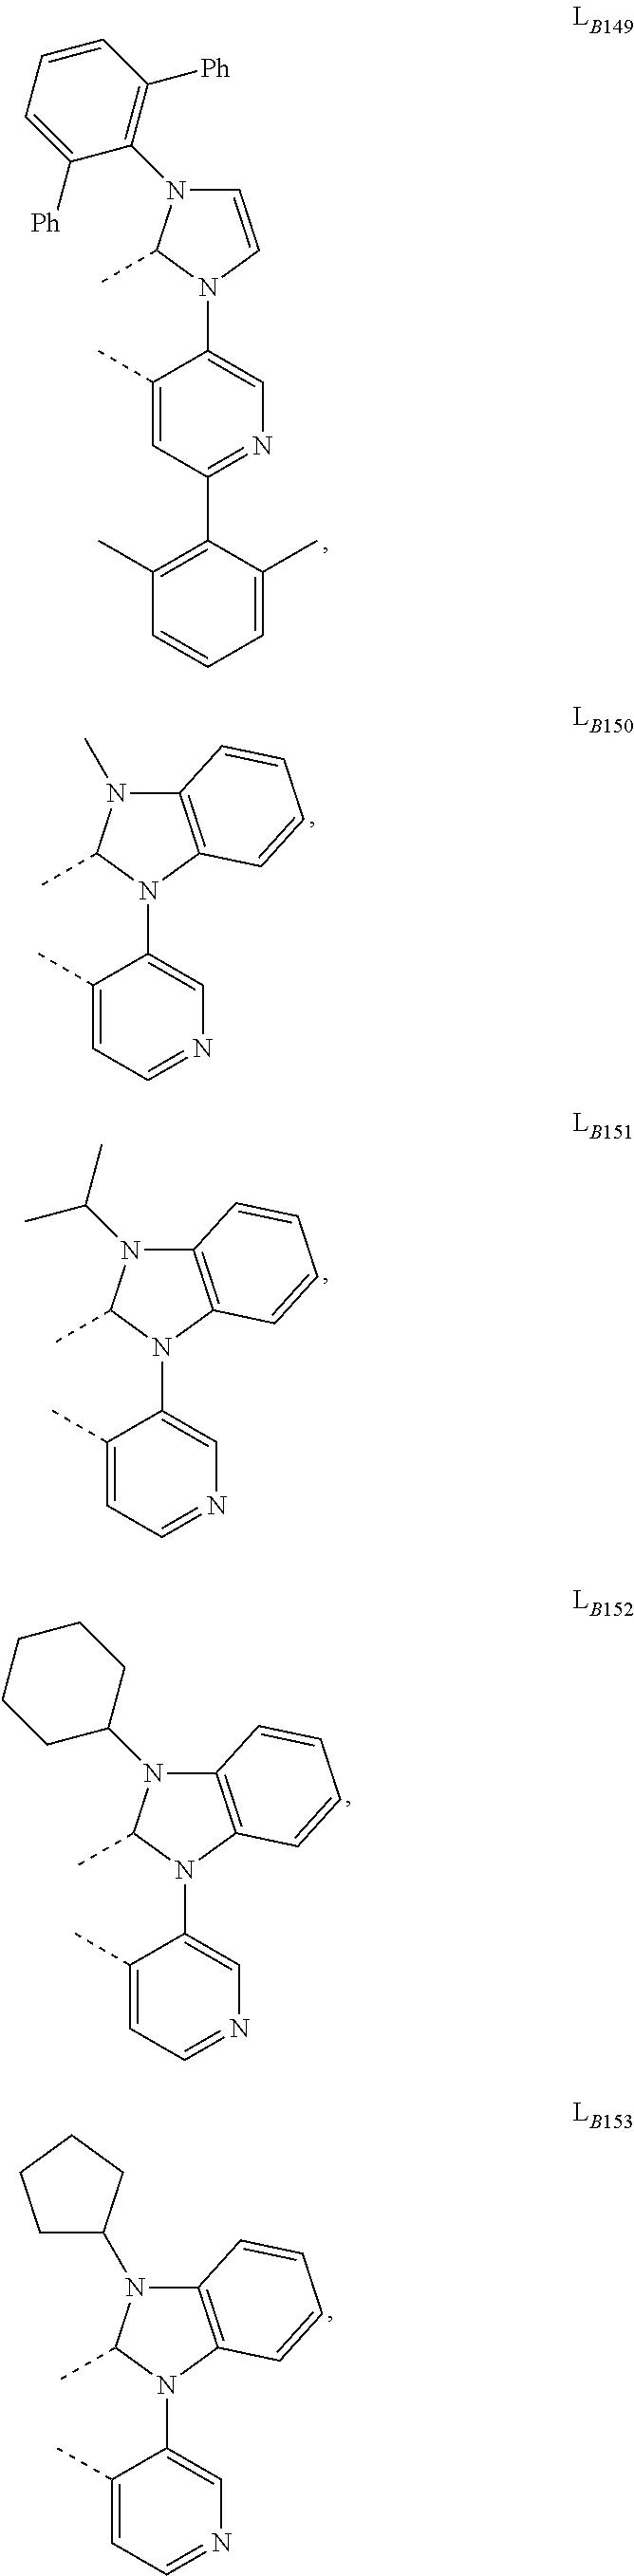 Figure US09905785-20180227-C00531